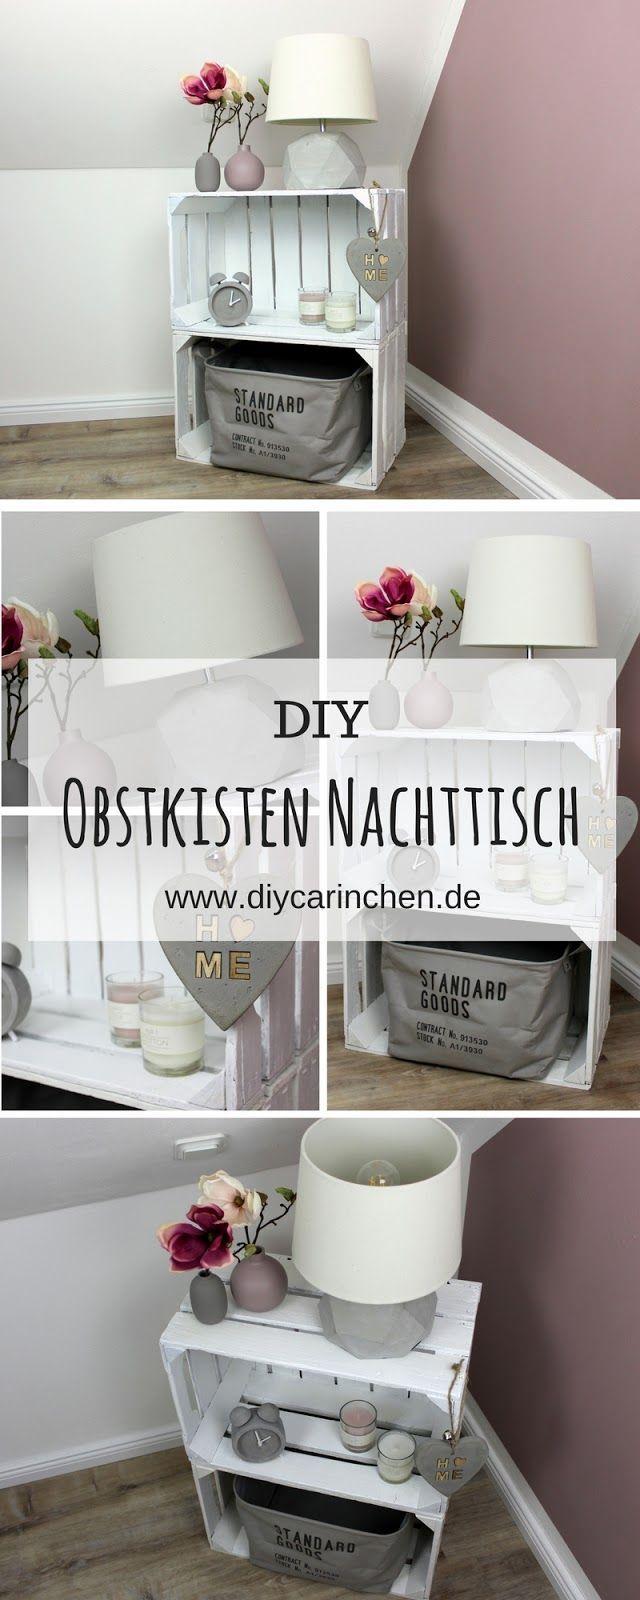 DIY Möbel selber bauen: Nachttisch / Nachtschrank aus Obstkisten #diyfurniture